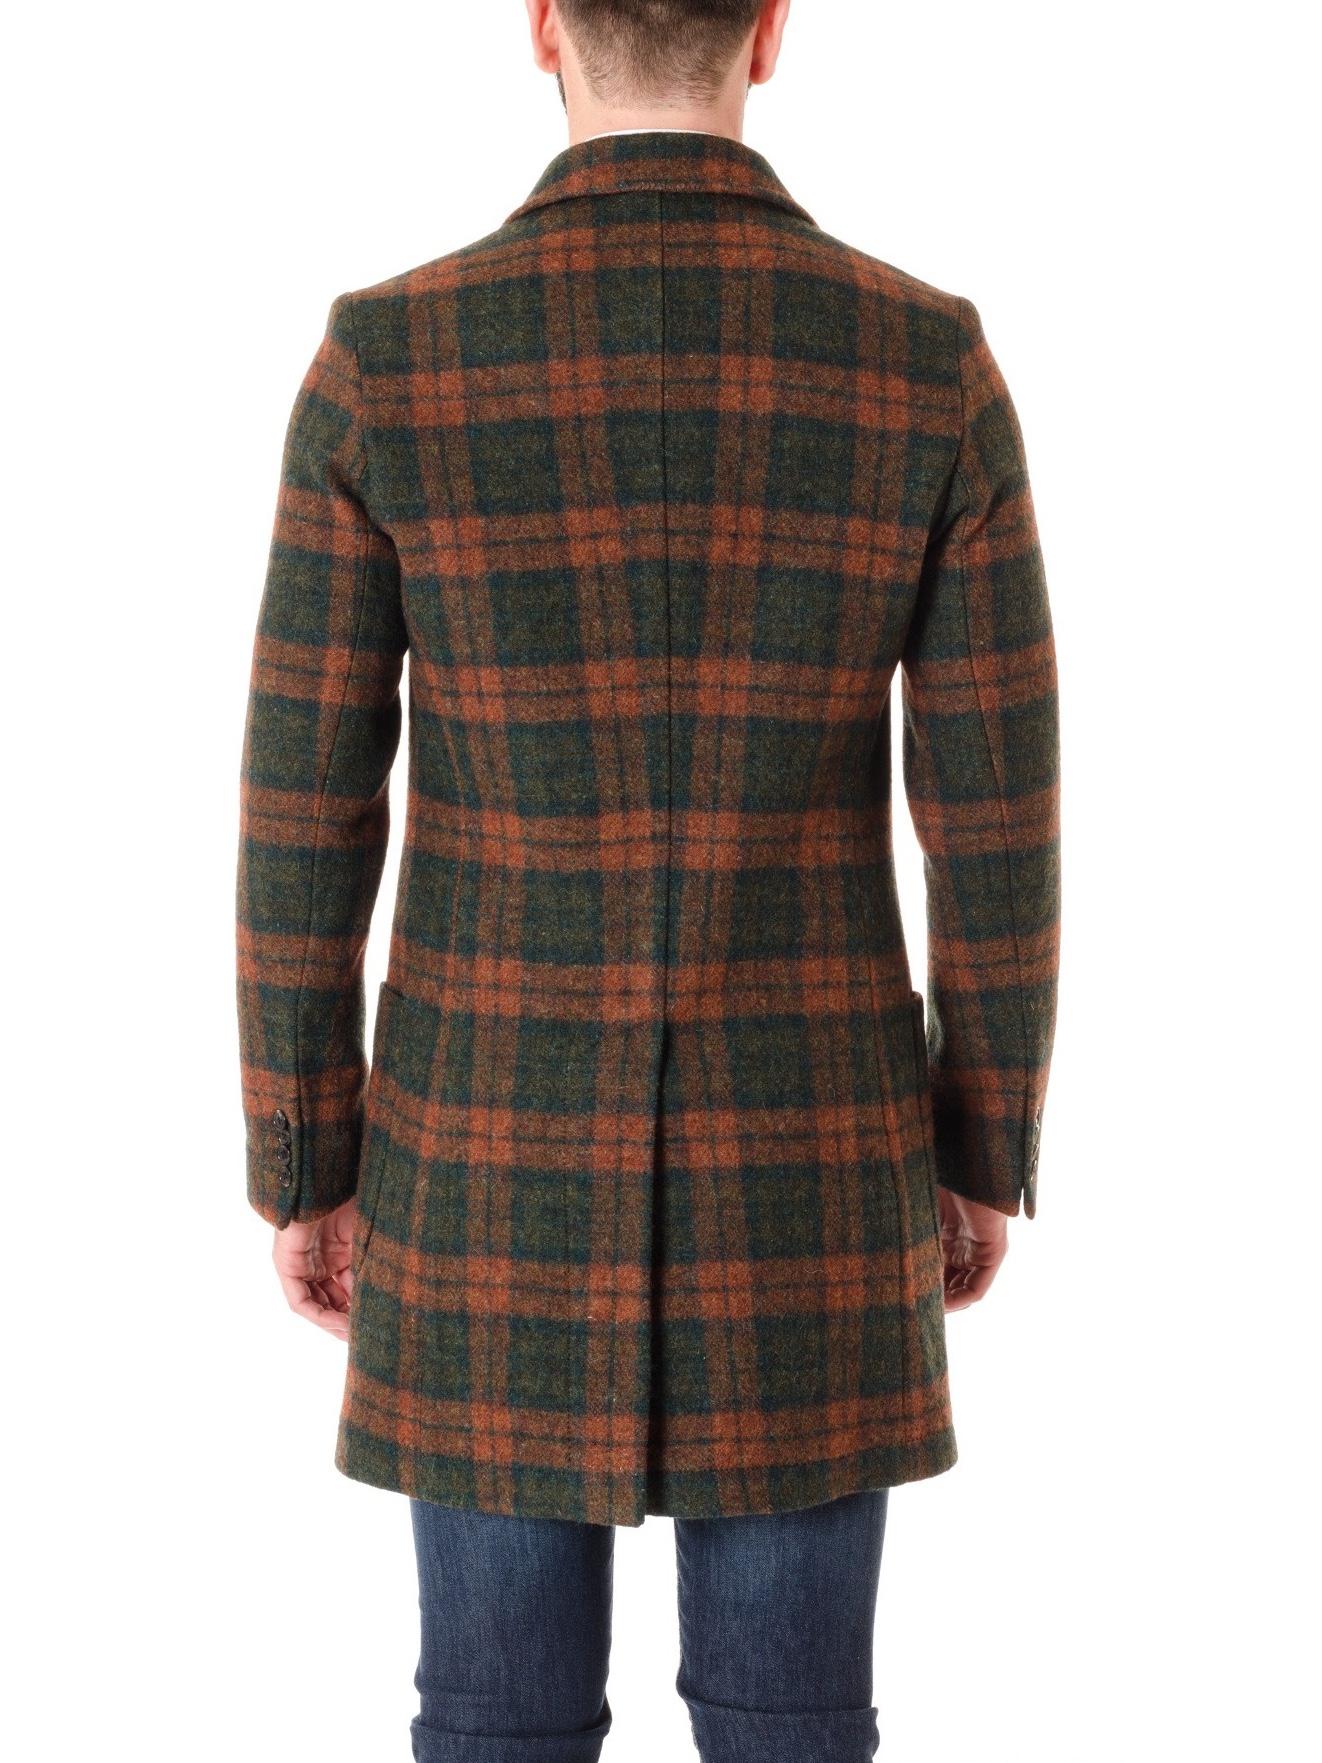 cappotto-per-uomo-ai-palto-verderuggine-pino-16-clan (2).jpg